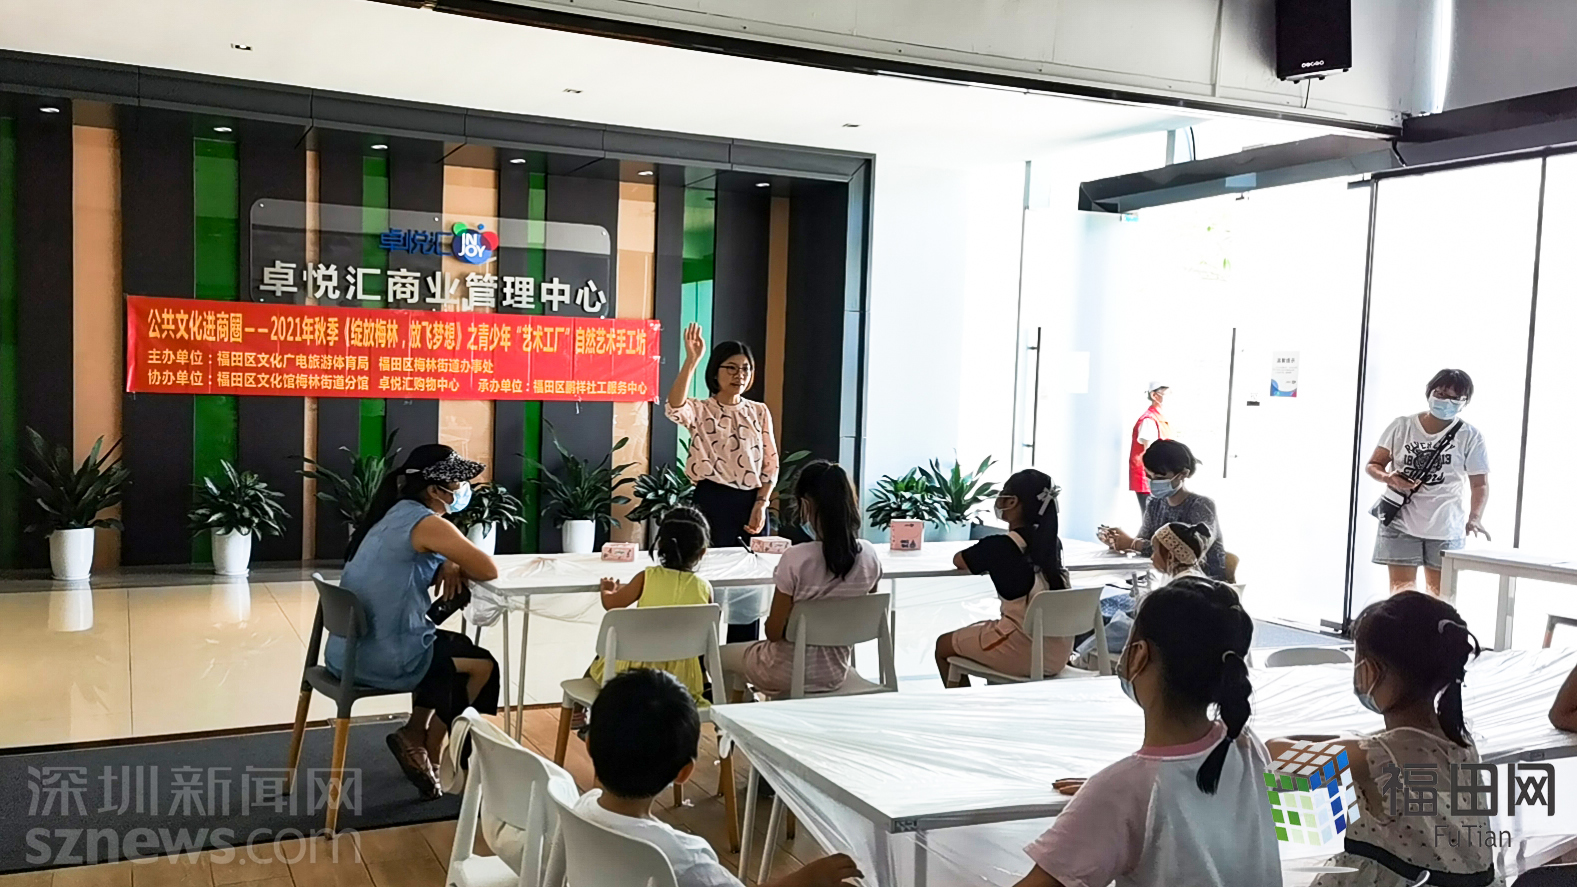 精彩继续!梅林街道公共文化进商圈活动走进卓悦汇购物中心